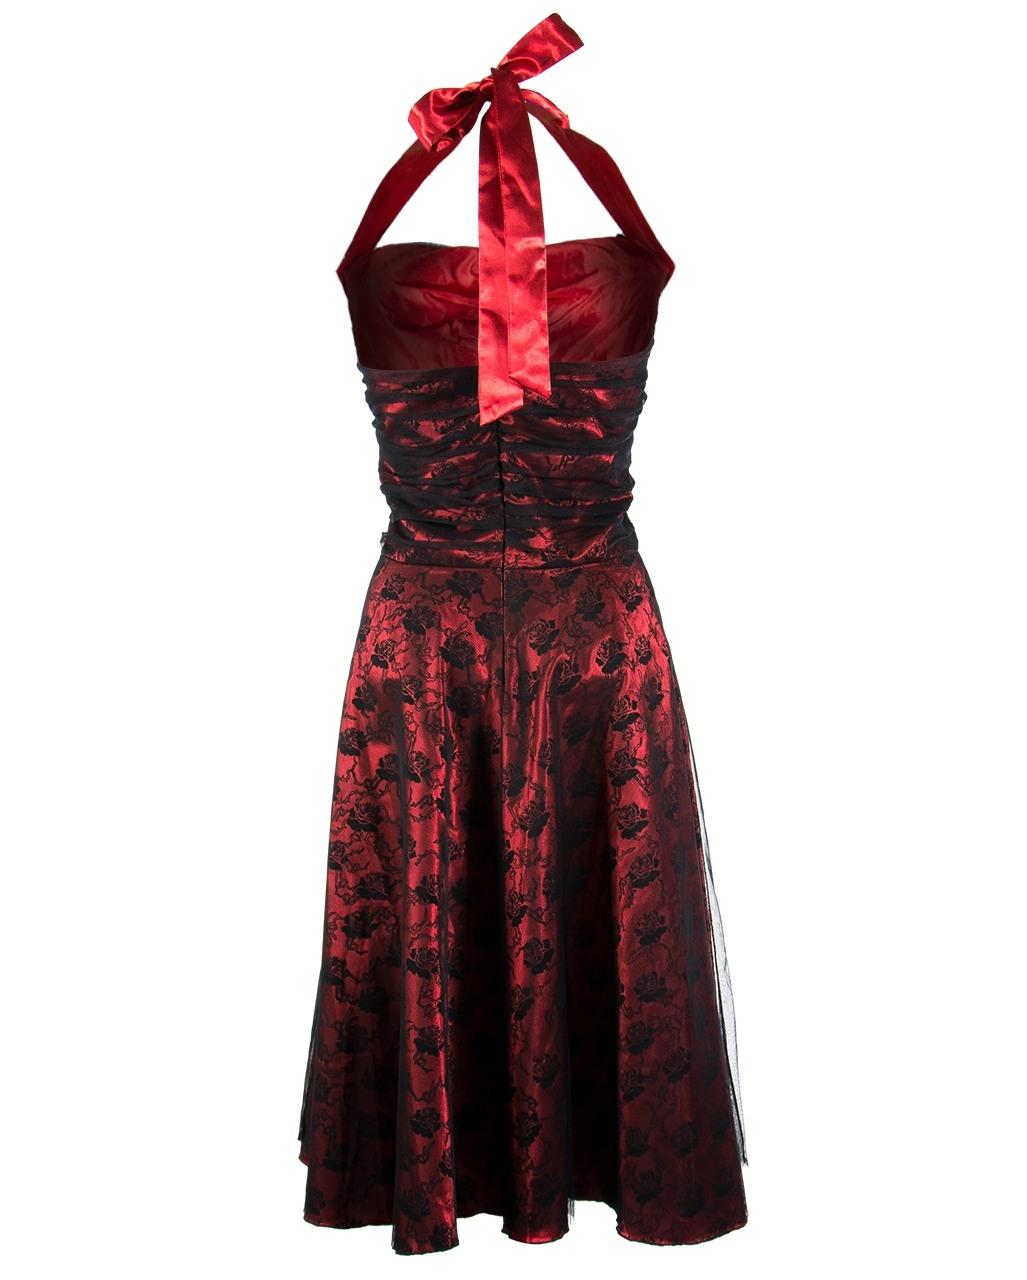 10 Schön Kleid Schwarz Rot DesignDesigner Perfekt Kleid Schwarz Rot Boutique